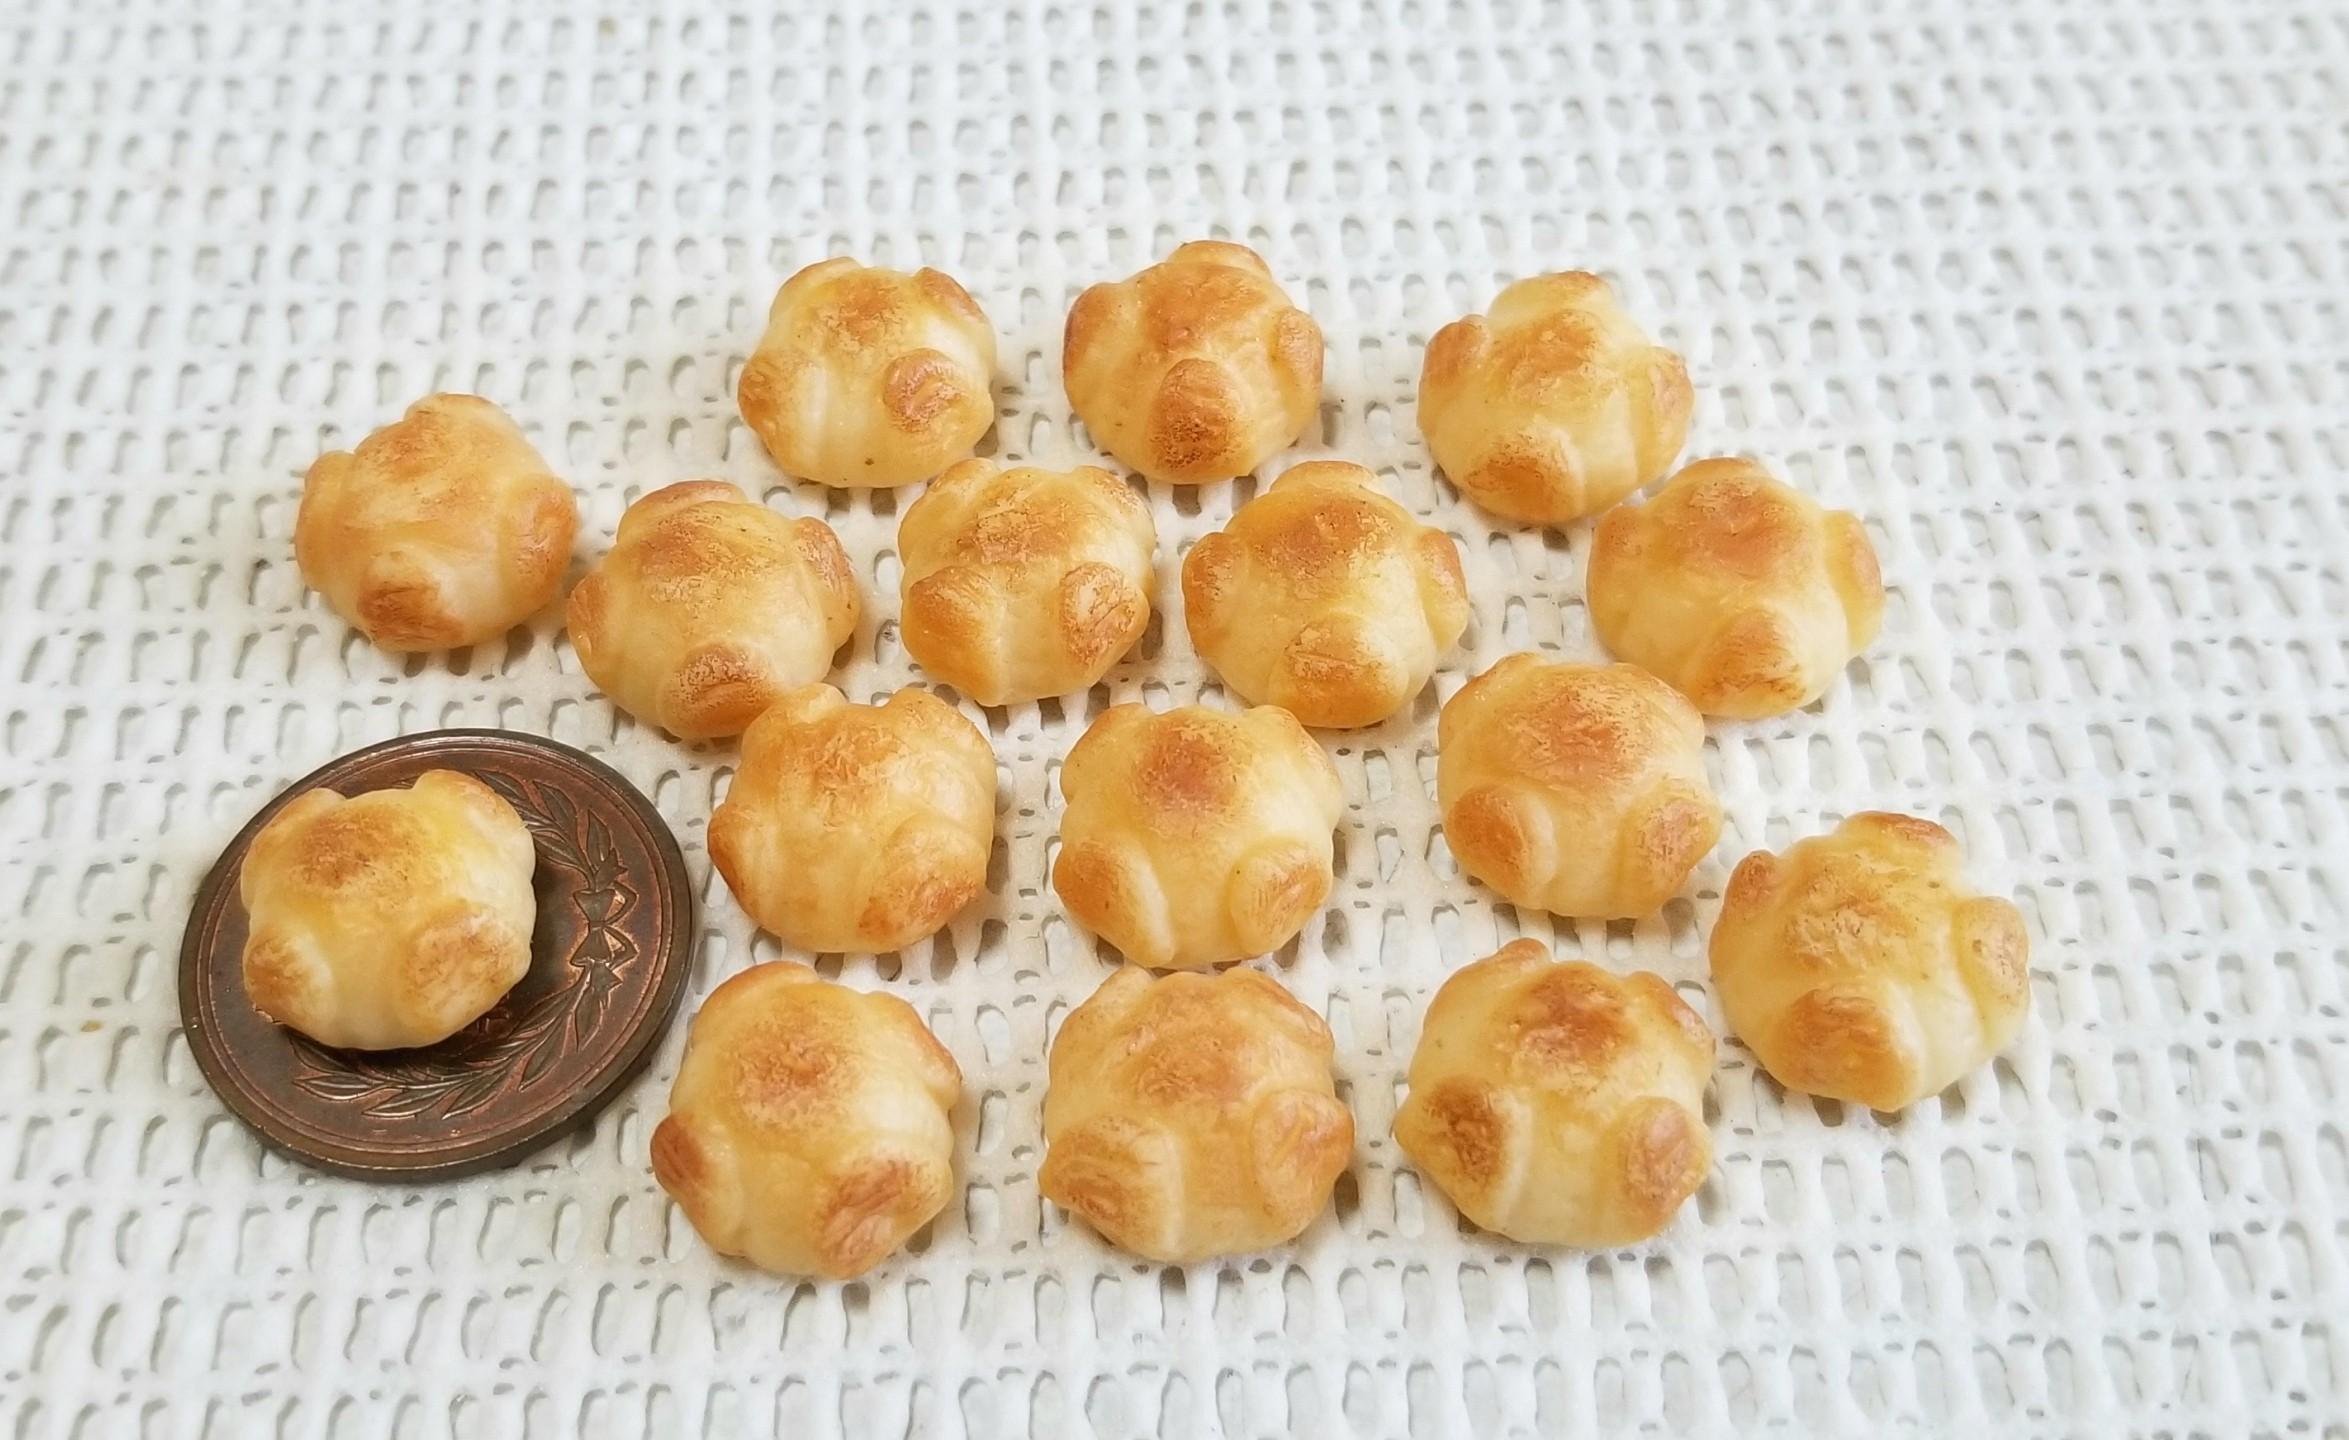 ミニチュア, パン, もっちり系カンパーニュ, 食品サンプル, ブライス